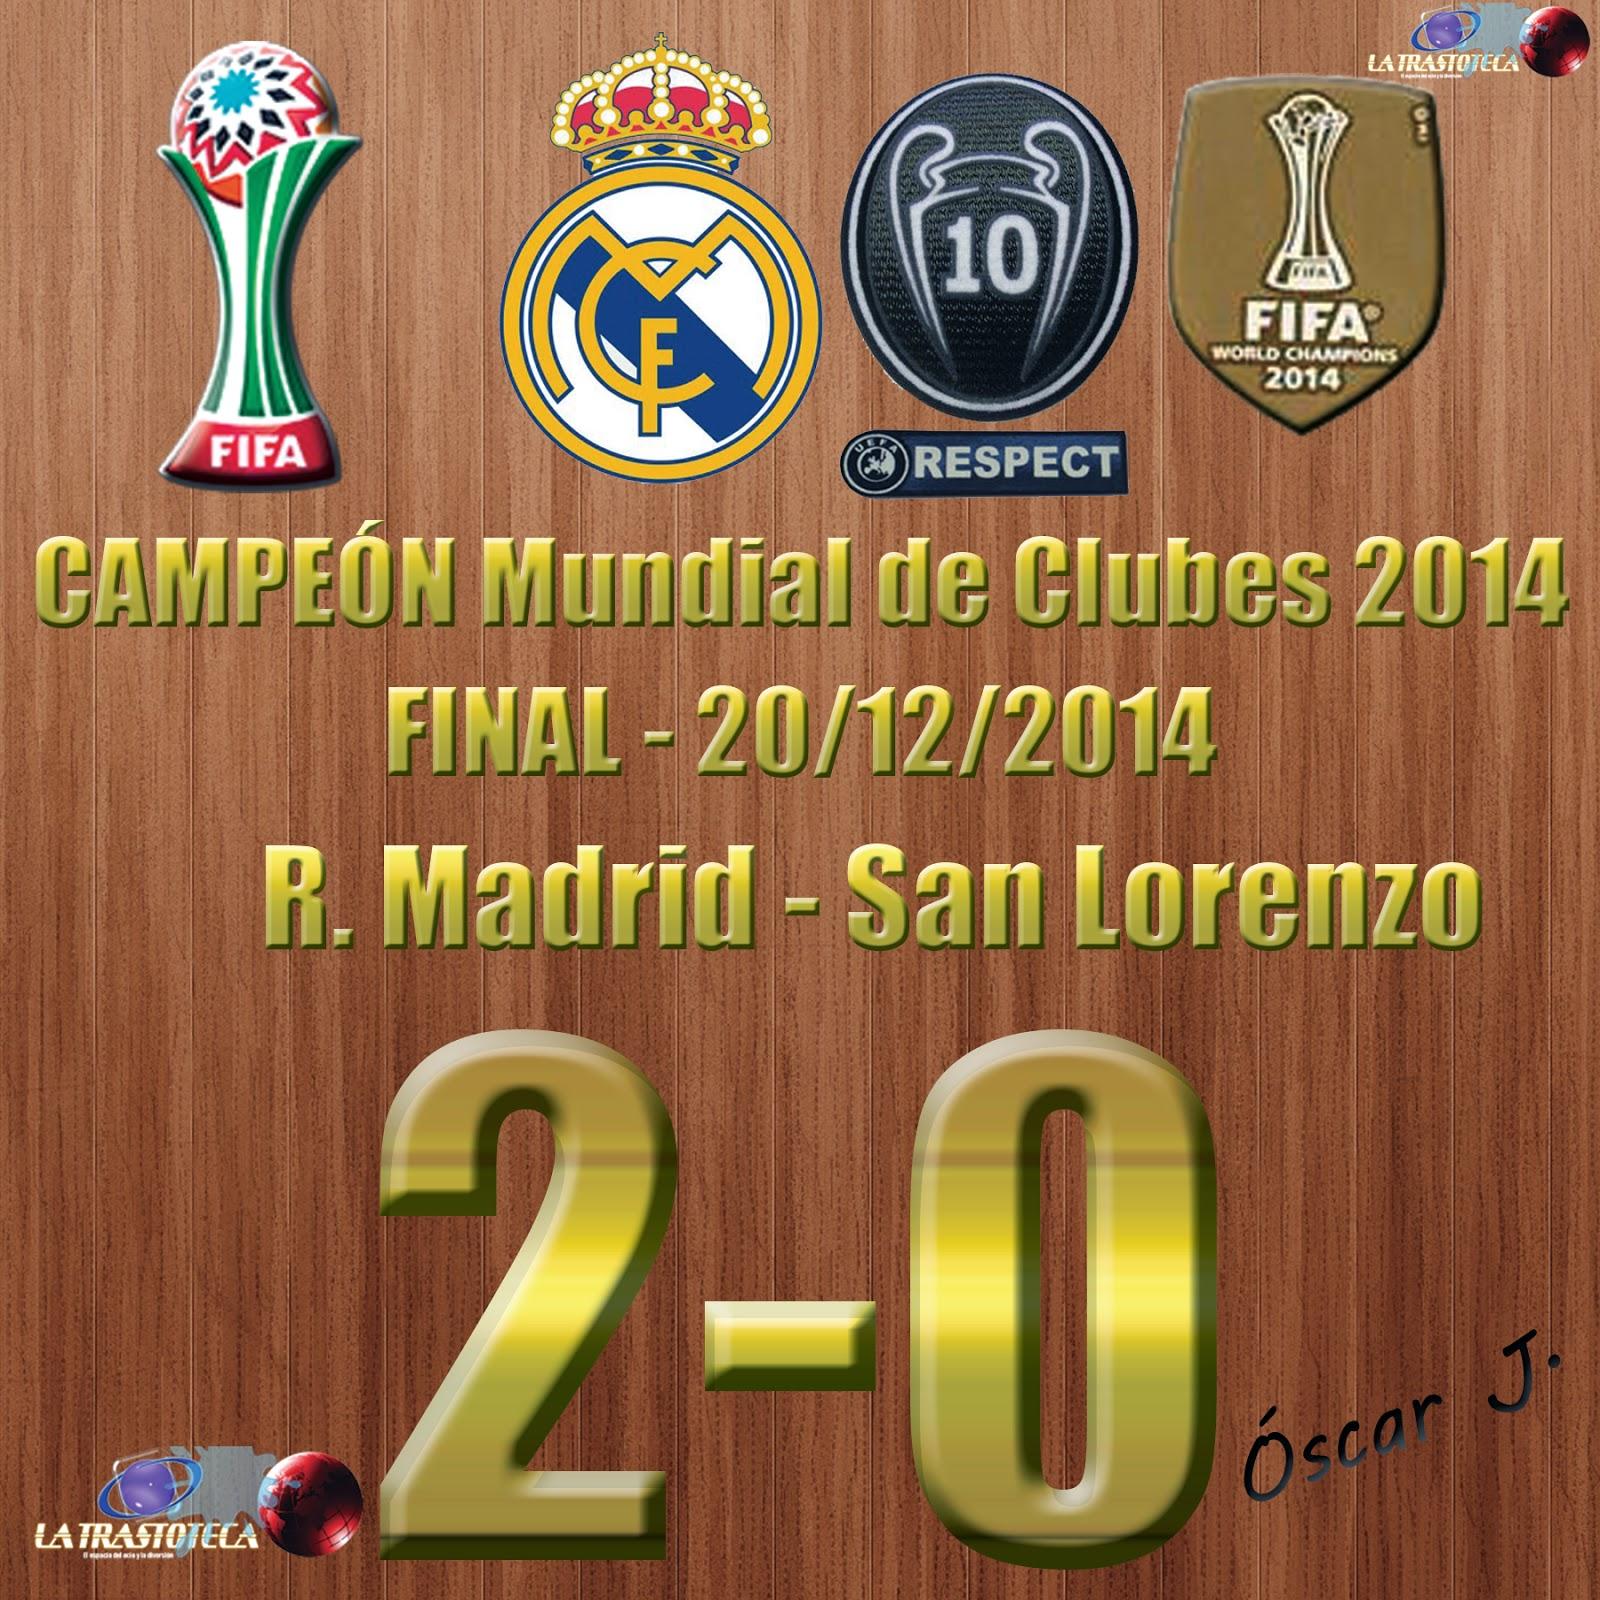 Gareth Bale (2-0) - Real Madrid CAMPEÓN DEL MUNDO - Real Madrid 2-0 San lorenzo - Mundial de Clubes de la FIFA MARRUECOS 2014 - FINAL (20/12/2014)